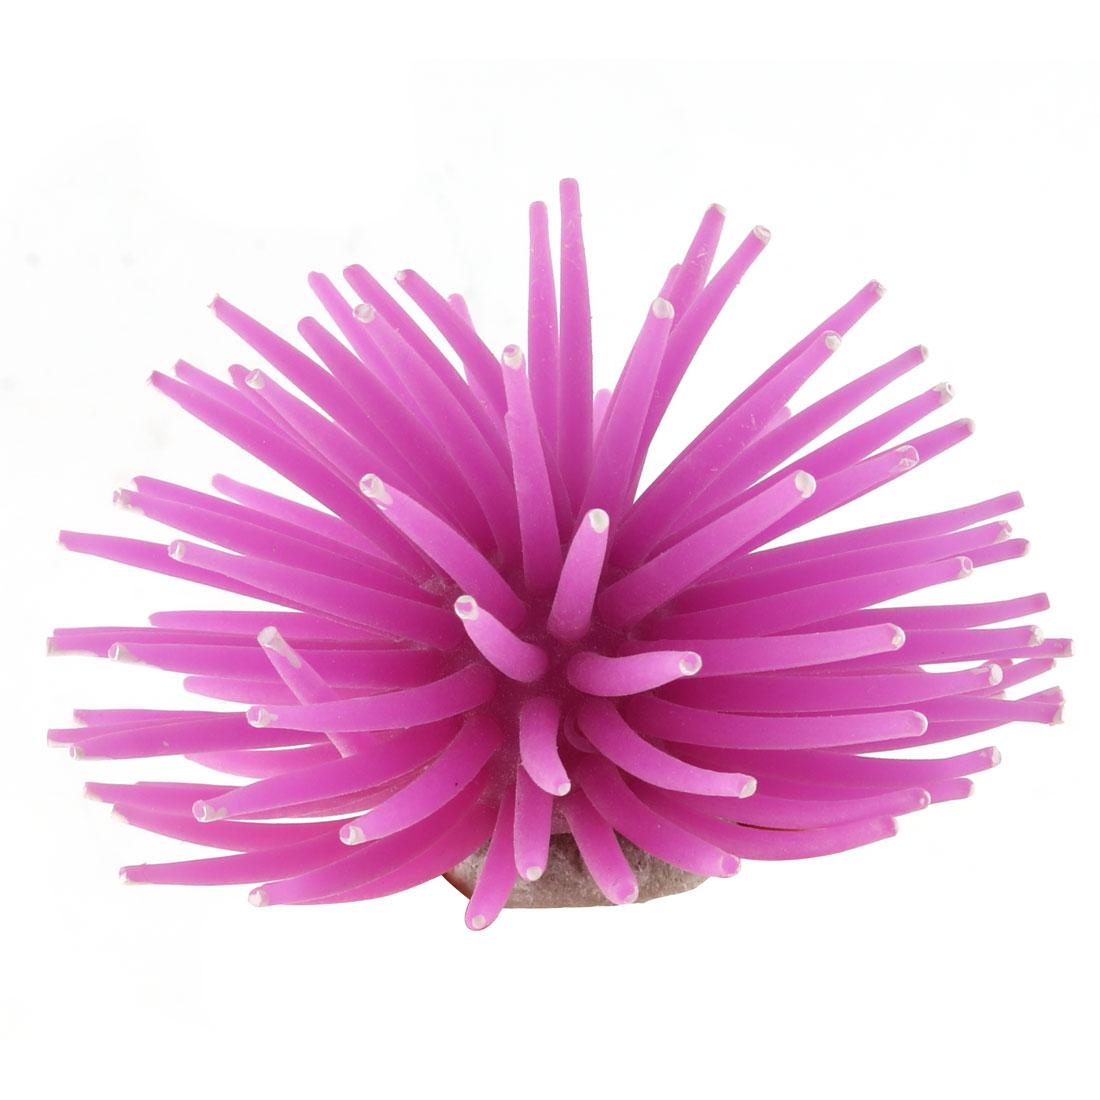 Aquarium Purple Silicone Decor Coral Design Tank Ornament